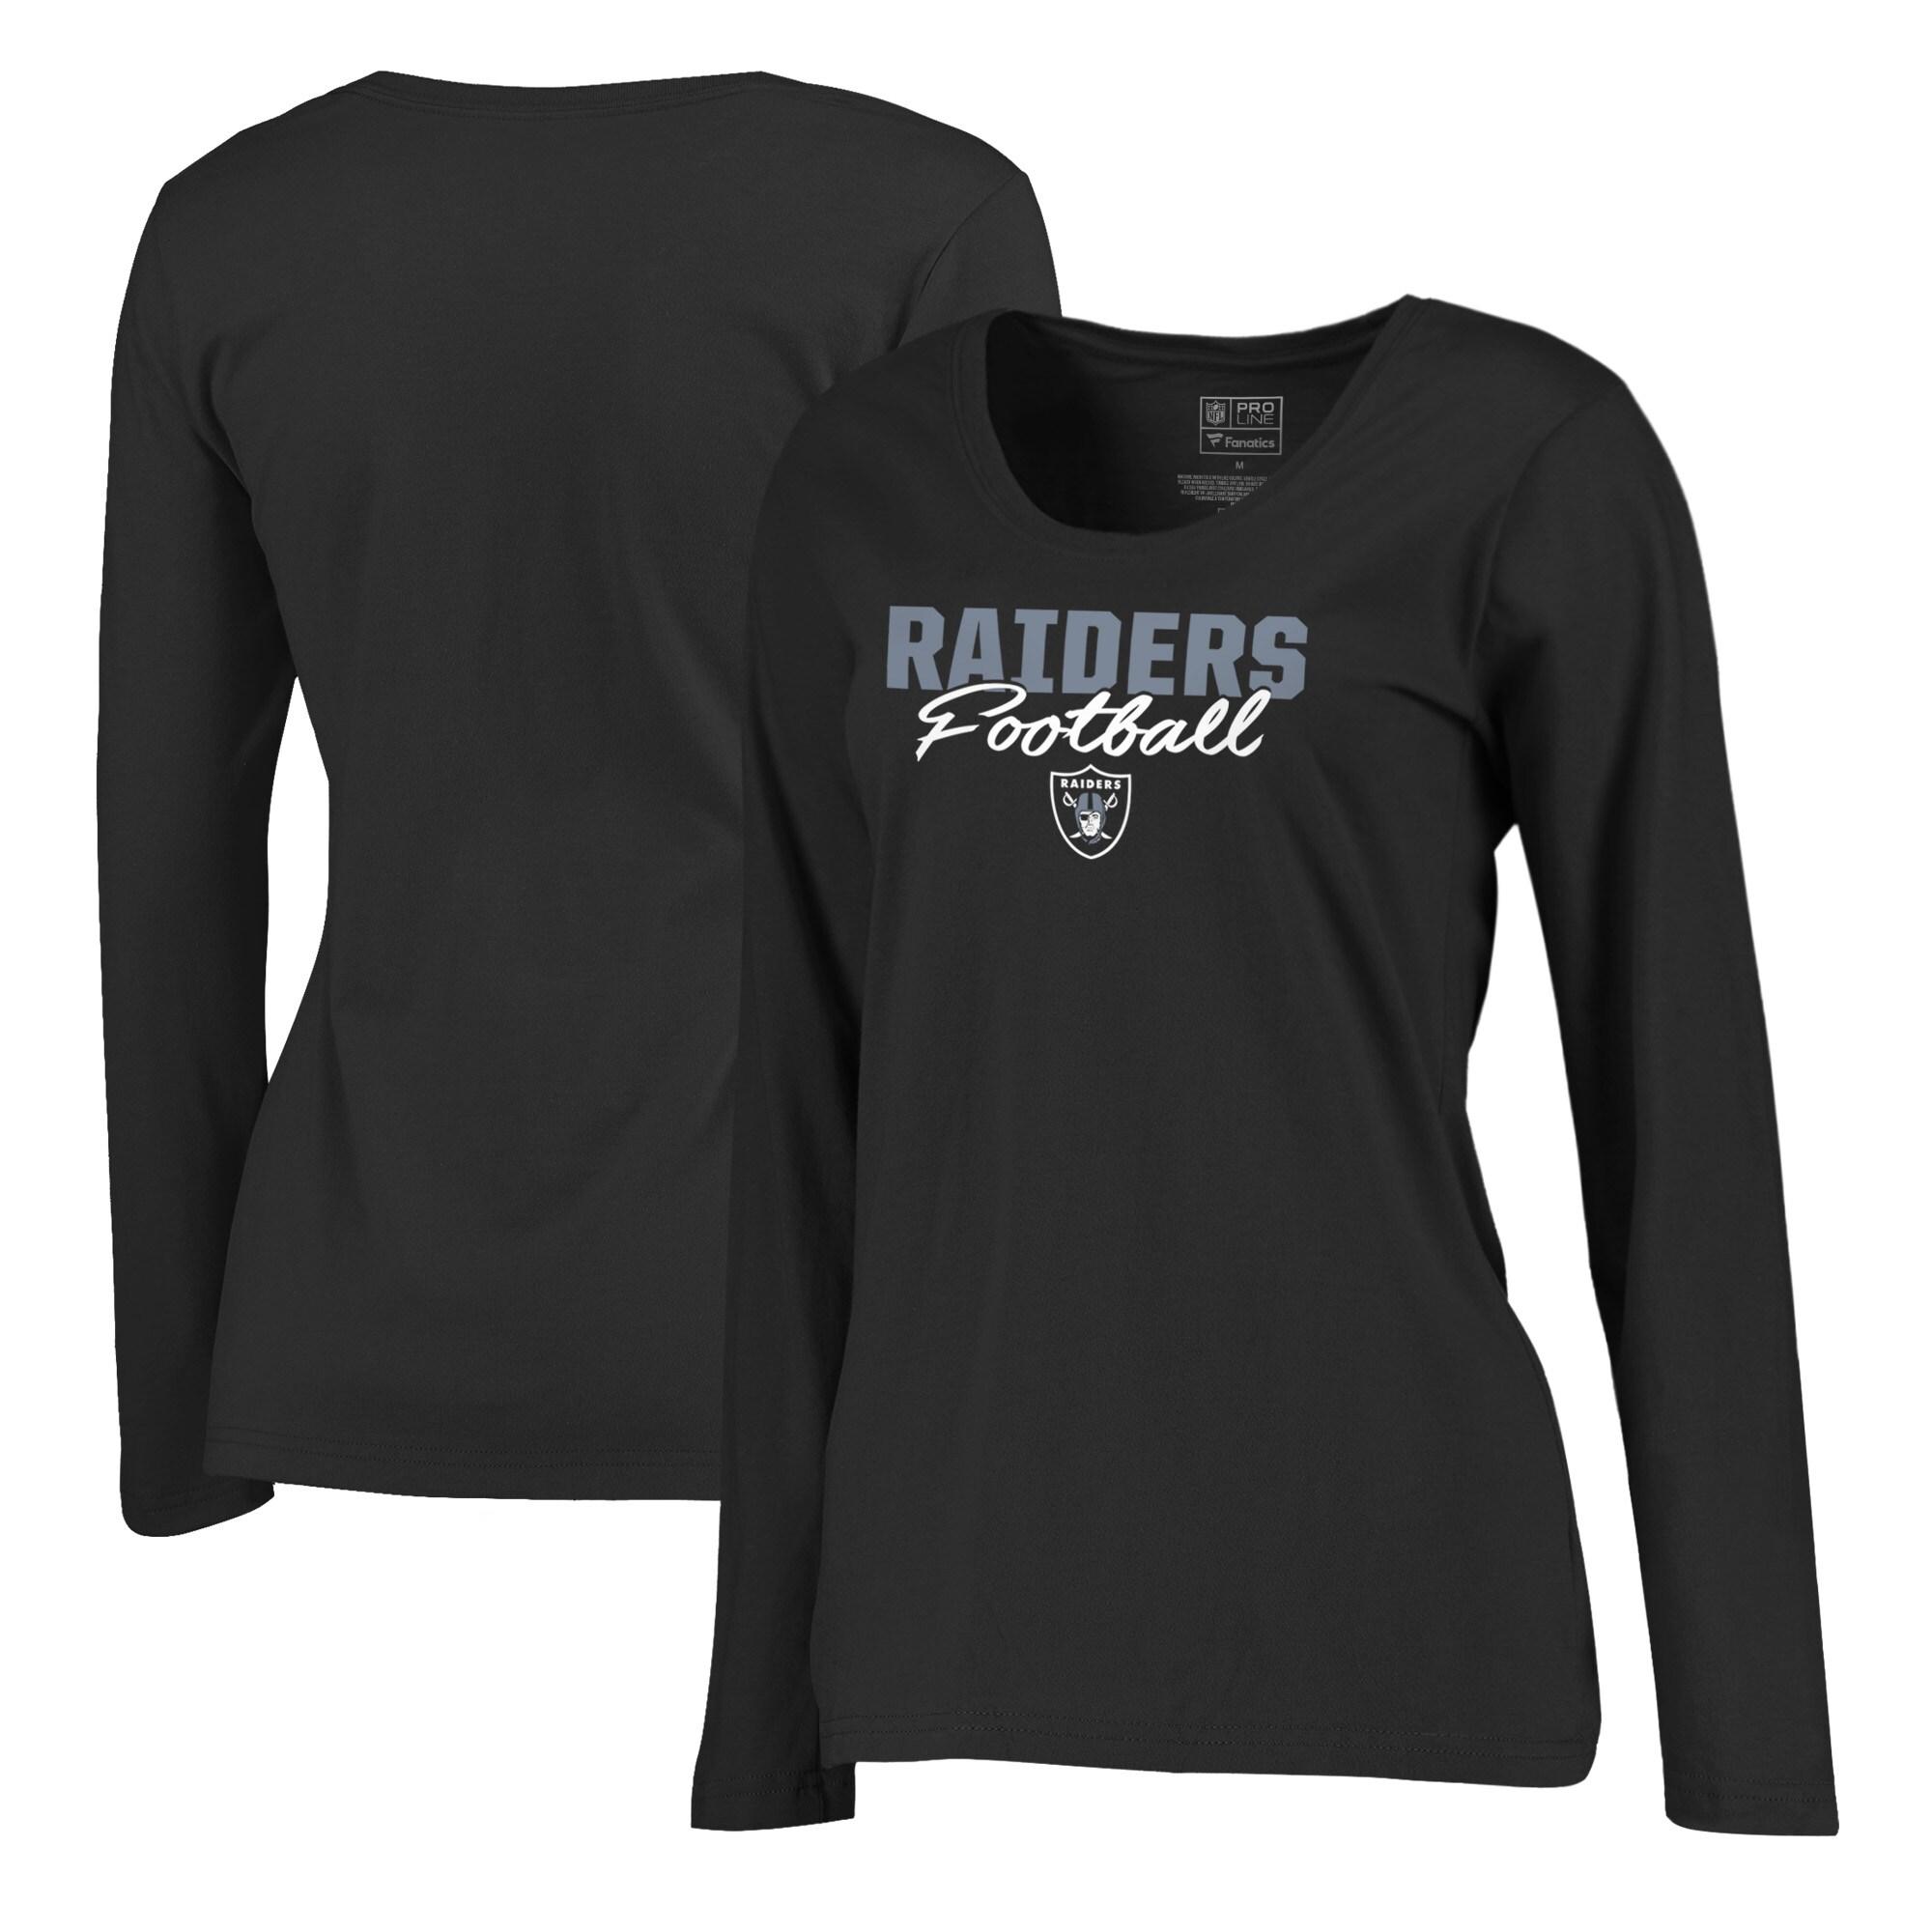 Las Vegas Raiders NFL Pro Line by Fanatics Branded Women's Iconic Collection Script Assist Plus Size Long Sleeve T-Shirt - Black